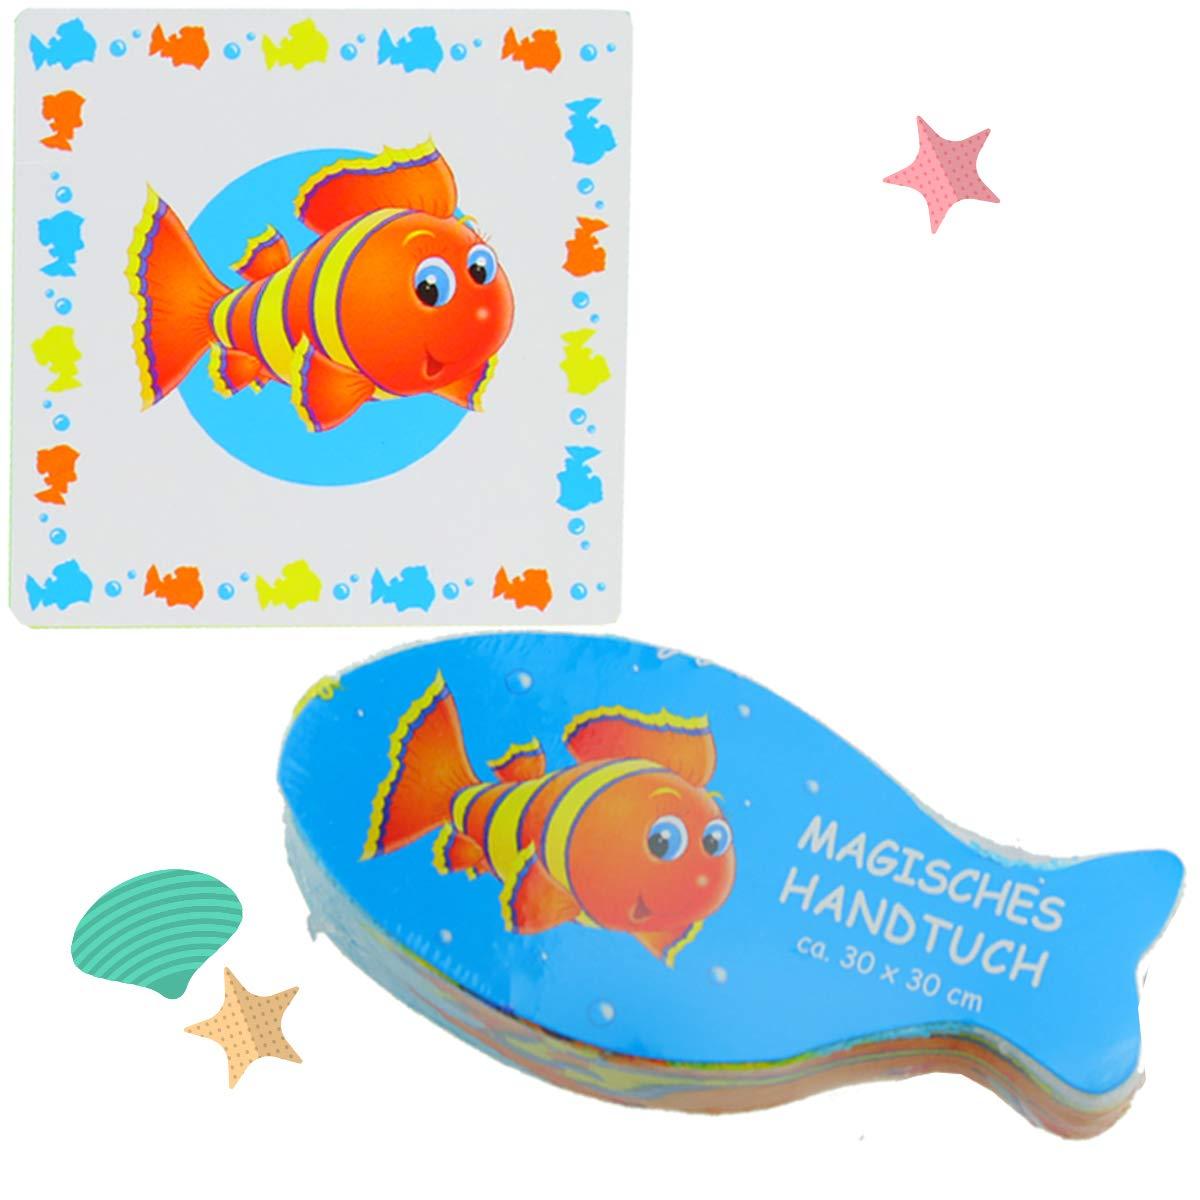 Cepewa asciugamani magici Nemo pesci Set Mare abita waschlappen 30/cm bambini Mitgebsel